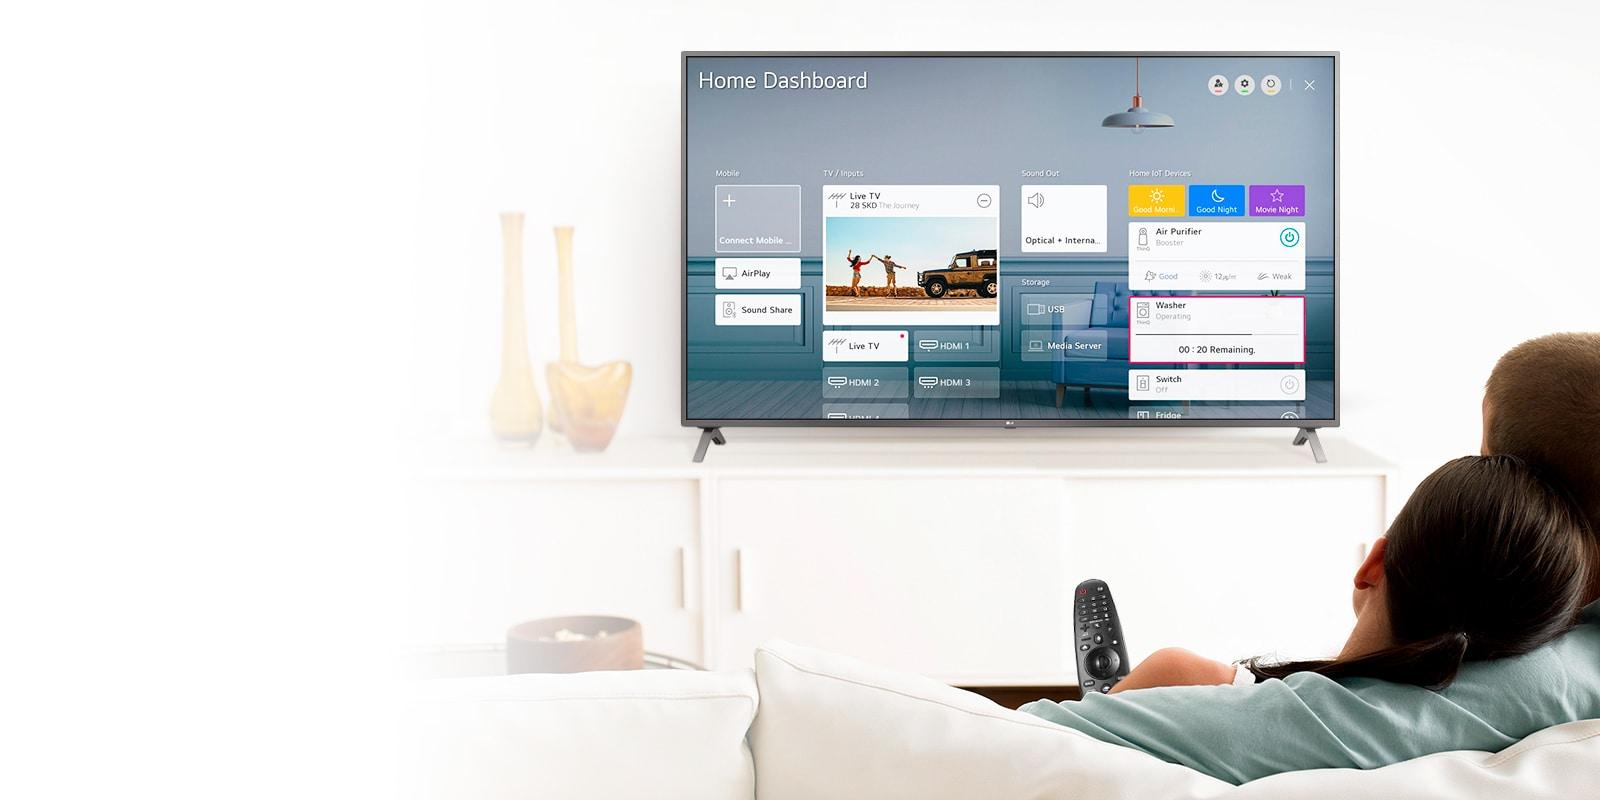 Con Magic Remote controla la televisión y todo tu hogar desde tu sillón1